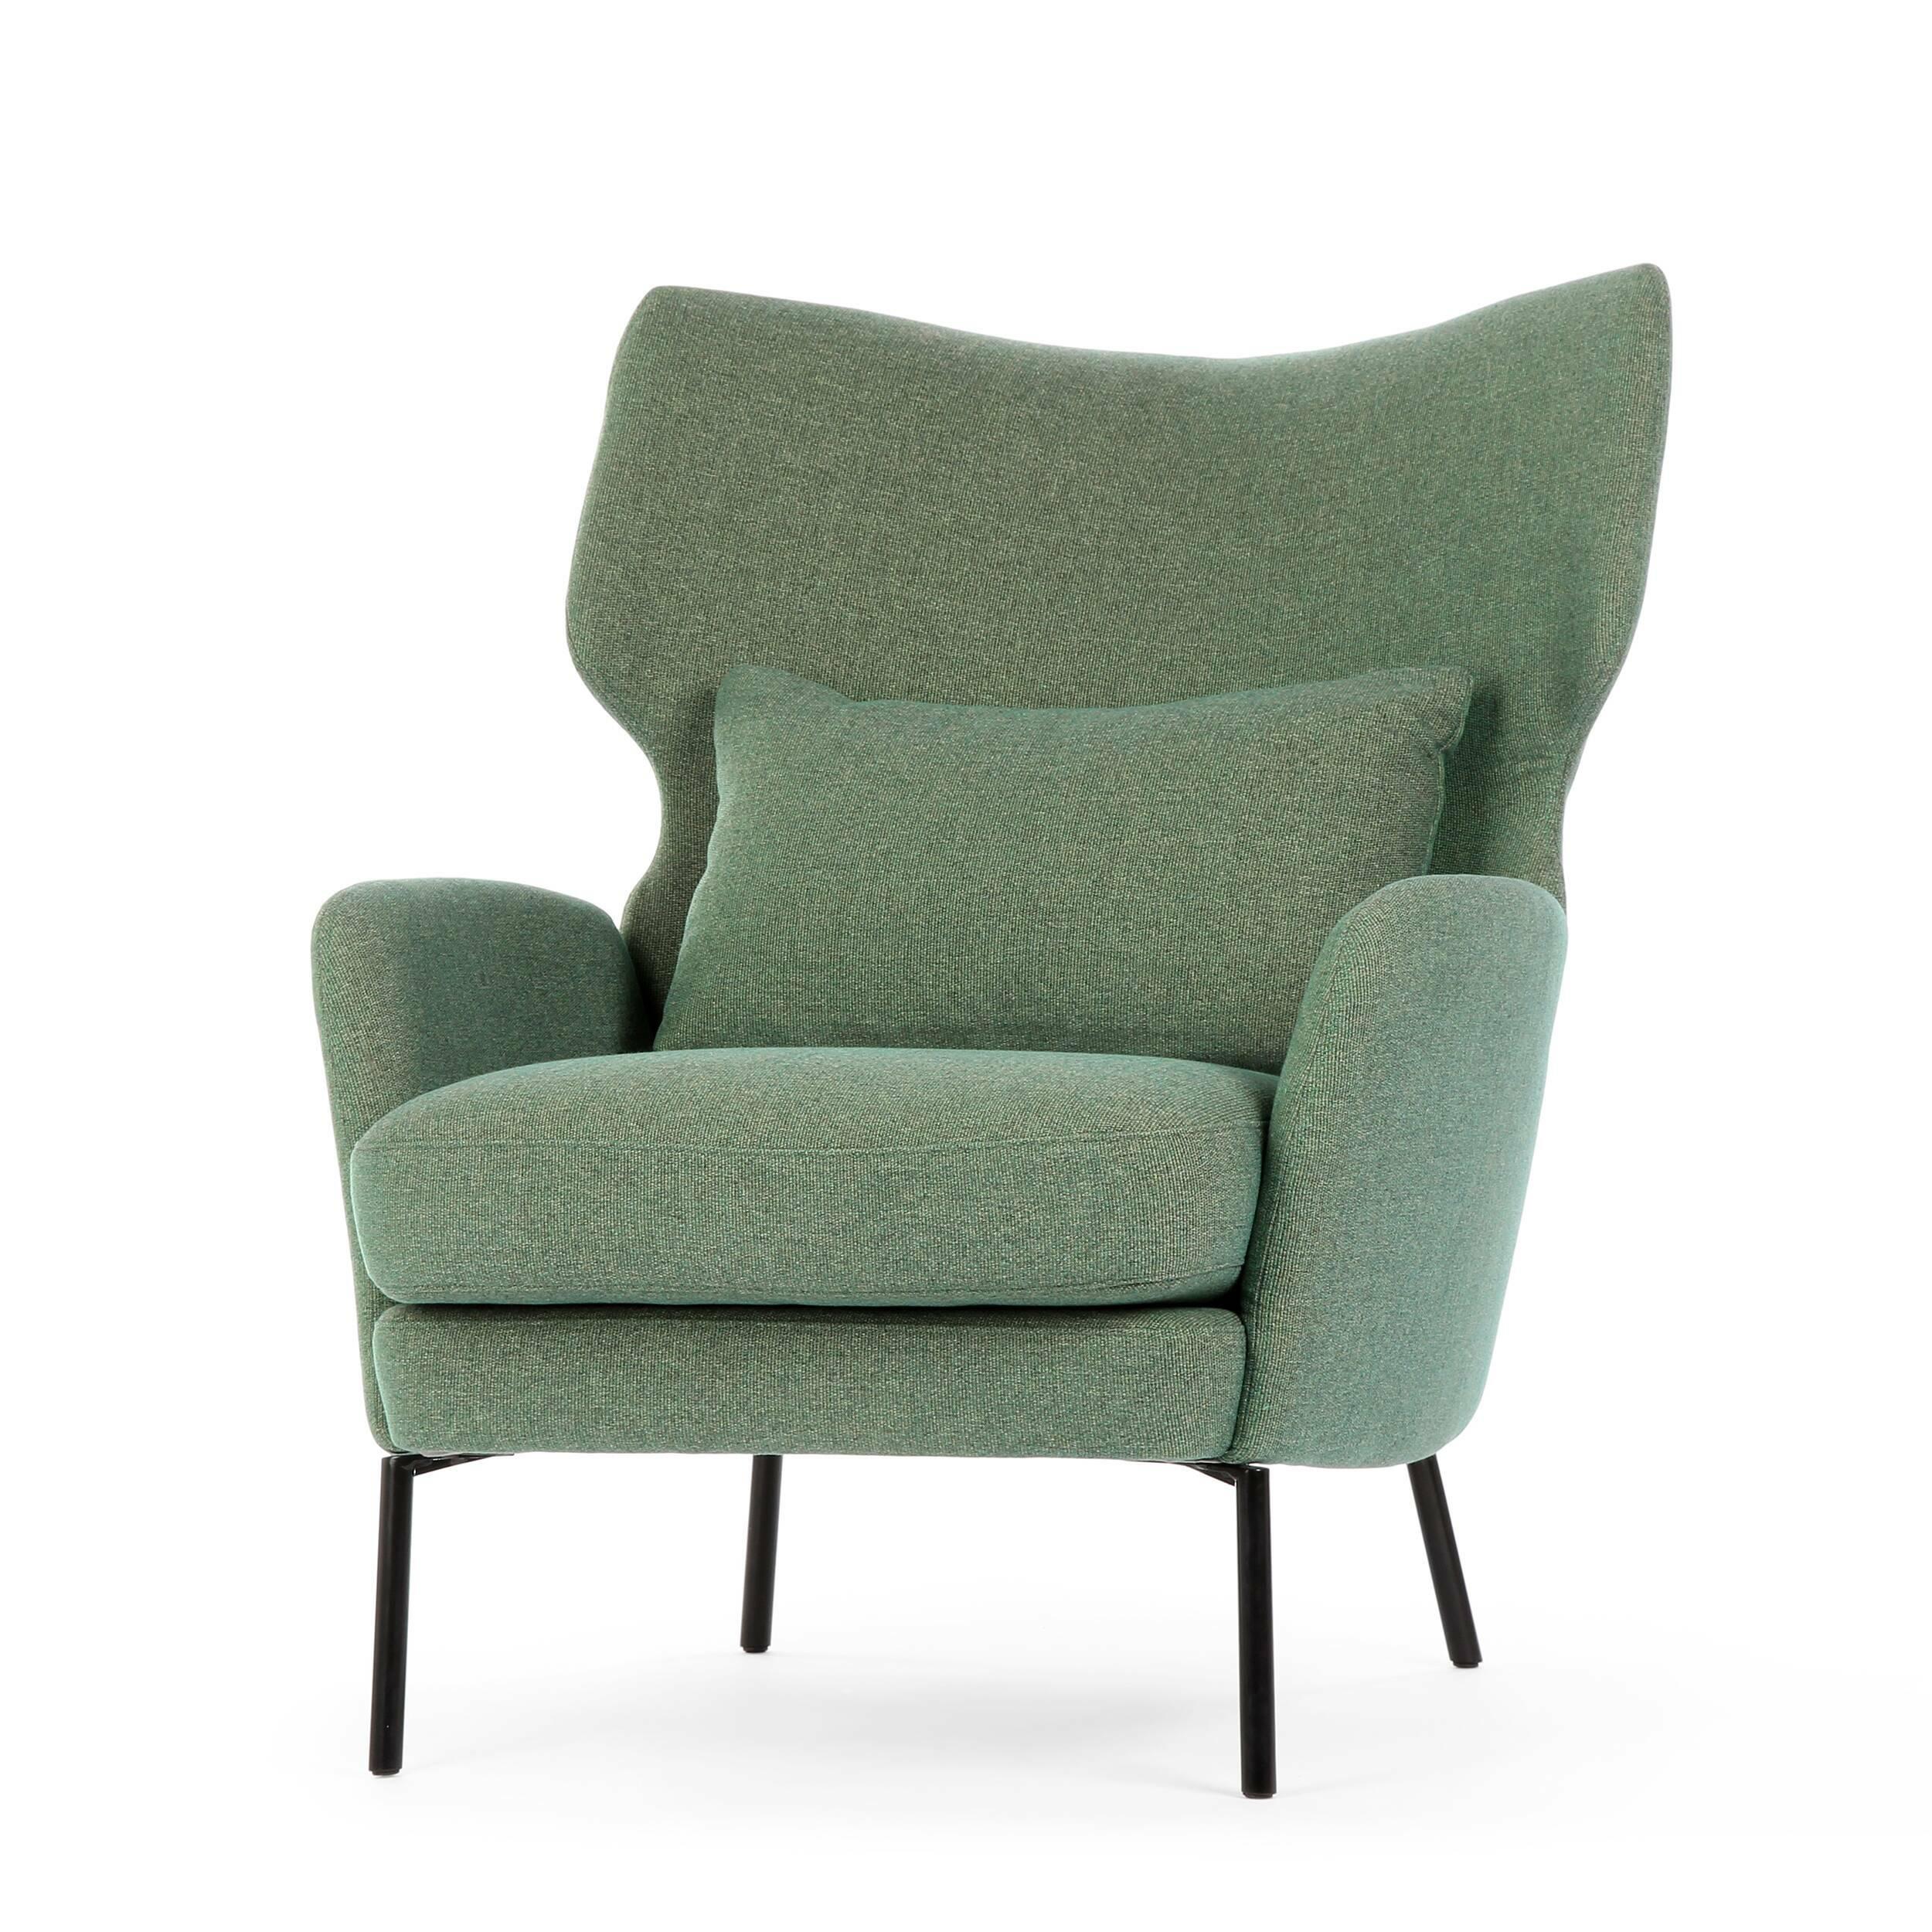 Кресло AlexИнтерьерные<br>Дизайнерское большое стильное кресло Alex (Алекс) из хлопка, льна, полиэстера от Sits (Ситс).<br><br><br> Утонченный вкус и минимум деталей — вот то, что отличает современный стиль в интерьере, что придает ему интересный характер и дарит большое количество пространства и свободы. Сегодня не только стиль и свободное пространство имеют значение в мебельной обстановке комнат, но и уровень качества и удобства используемой мебели. Представленное здесь кресло полностью отвечает этим требованиям и пора...<br><br>stock: 0<br>Высота: 93<br>Высота сиденья: 43<br>Ширина: 79<br>Глубина: 93<br>Цвет ножек: Черный<br>Материал обивки: Полиэстер, Хлопок, Акрил<br>Степень комфортности: Стандарт комфорт<br>Форма подлокотников: Стандарт<br>Коллекция ткани: Категория ткани IV<br>Тип материала обивки: Ткань<br>Тип материала ножек: Металл<br>Цвет обивки: Темно-зеленый